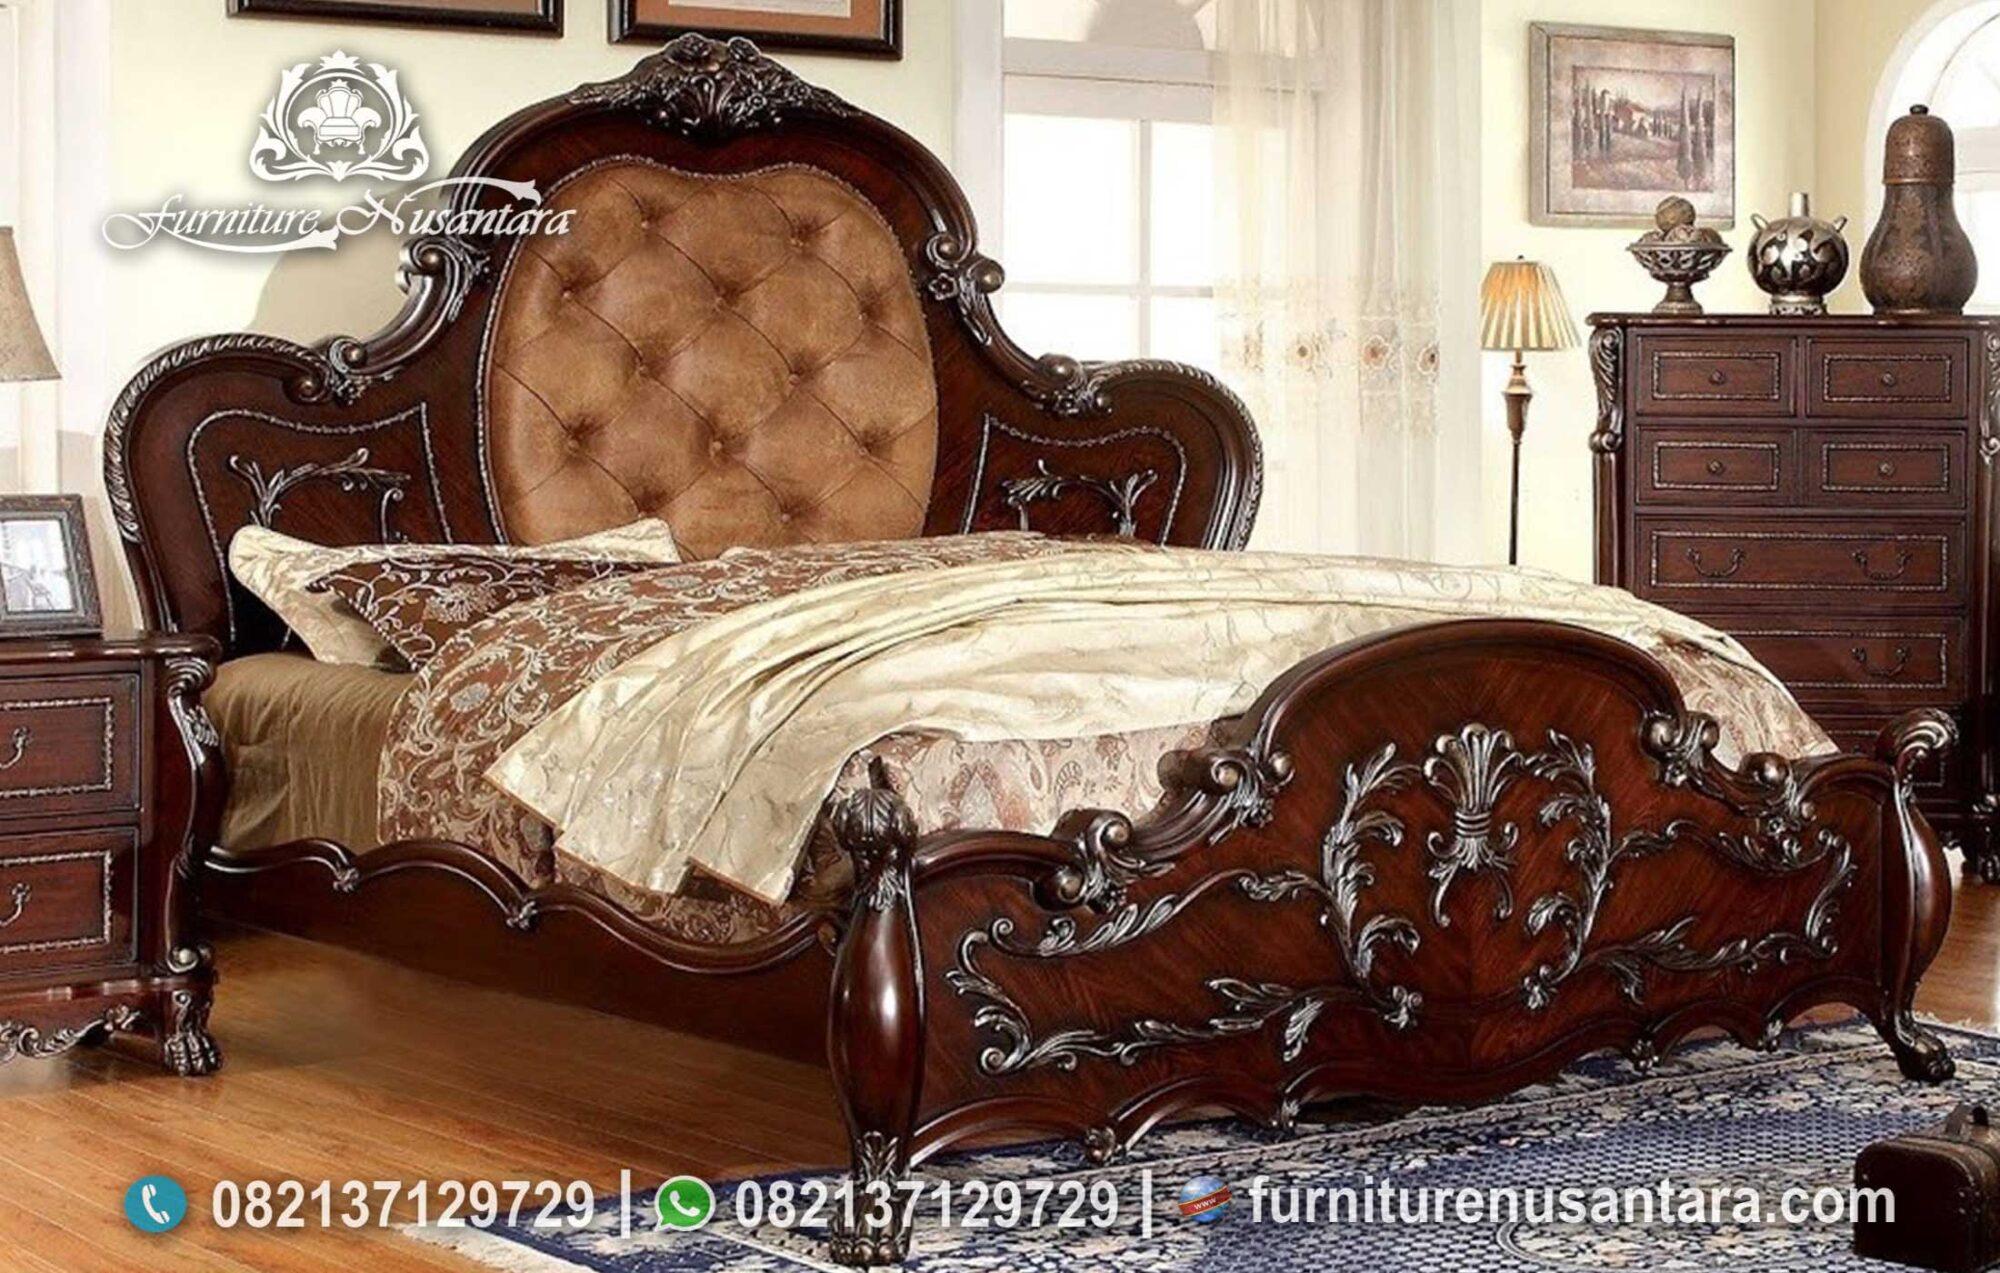 Jual Tempat Tidur Ukir Nusantara KS-228, Furniture Nusantara